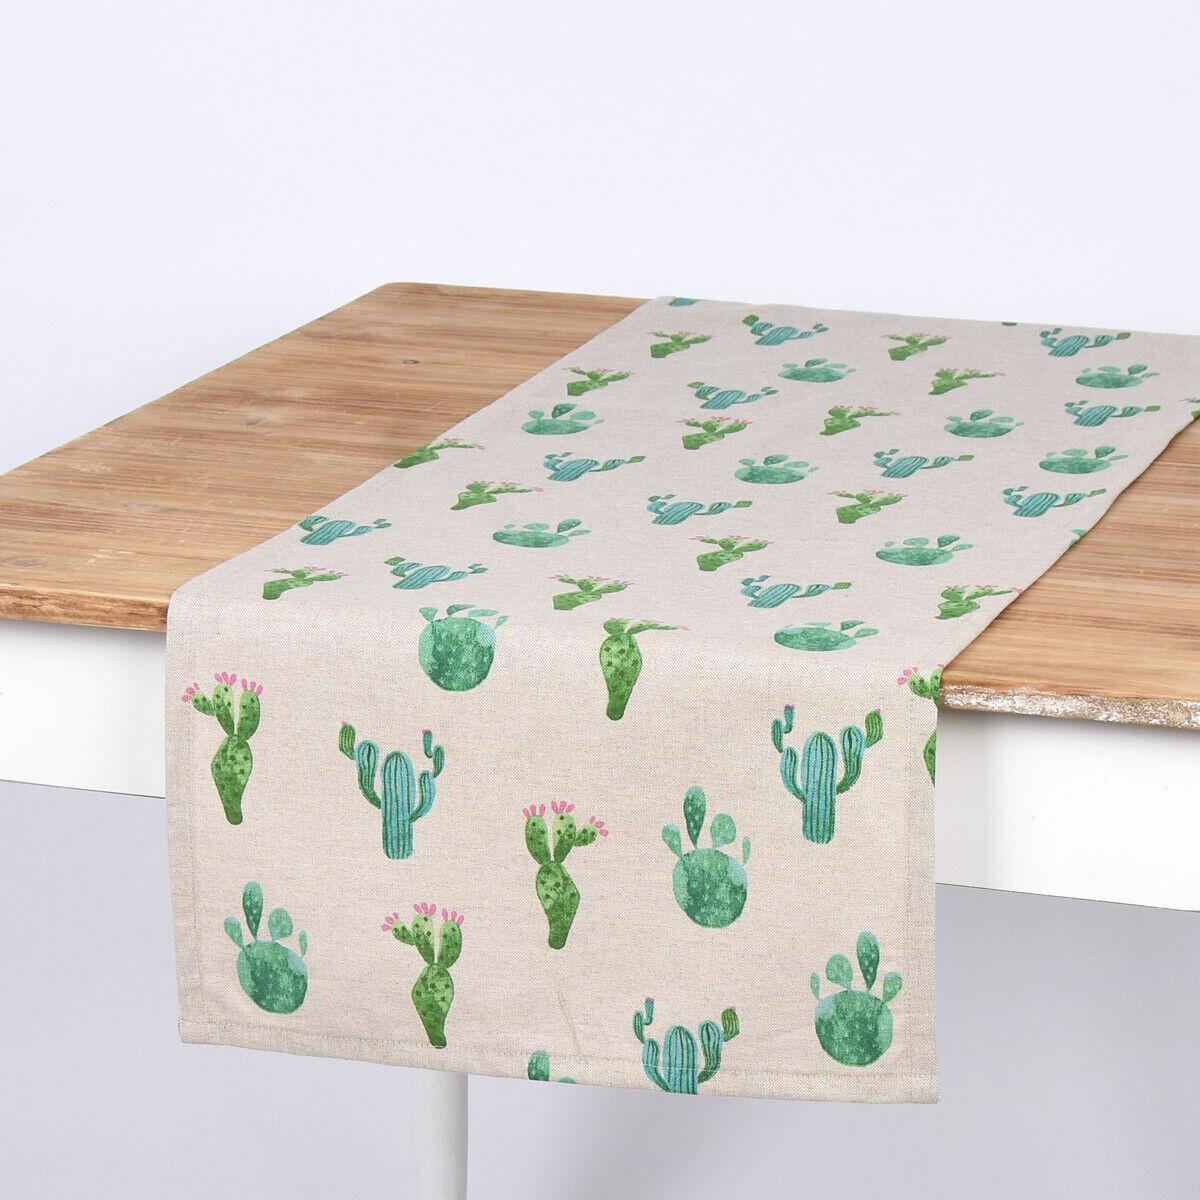 SCHÖNER LEBEN. Tischläufer Kaktus natur grün 40x160cm